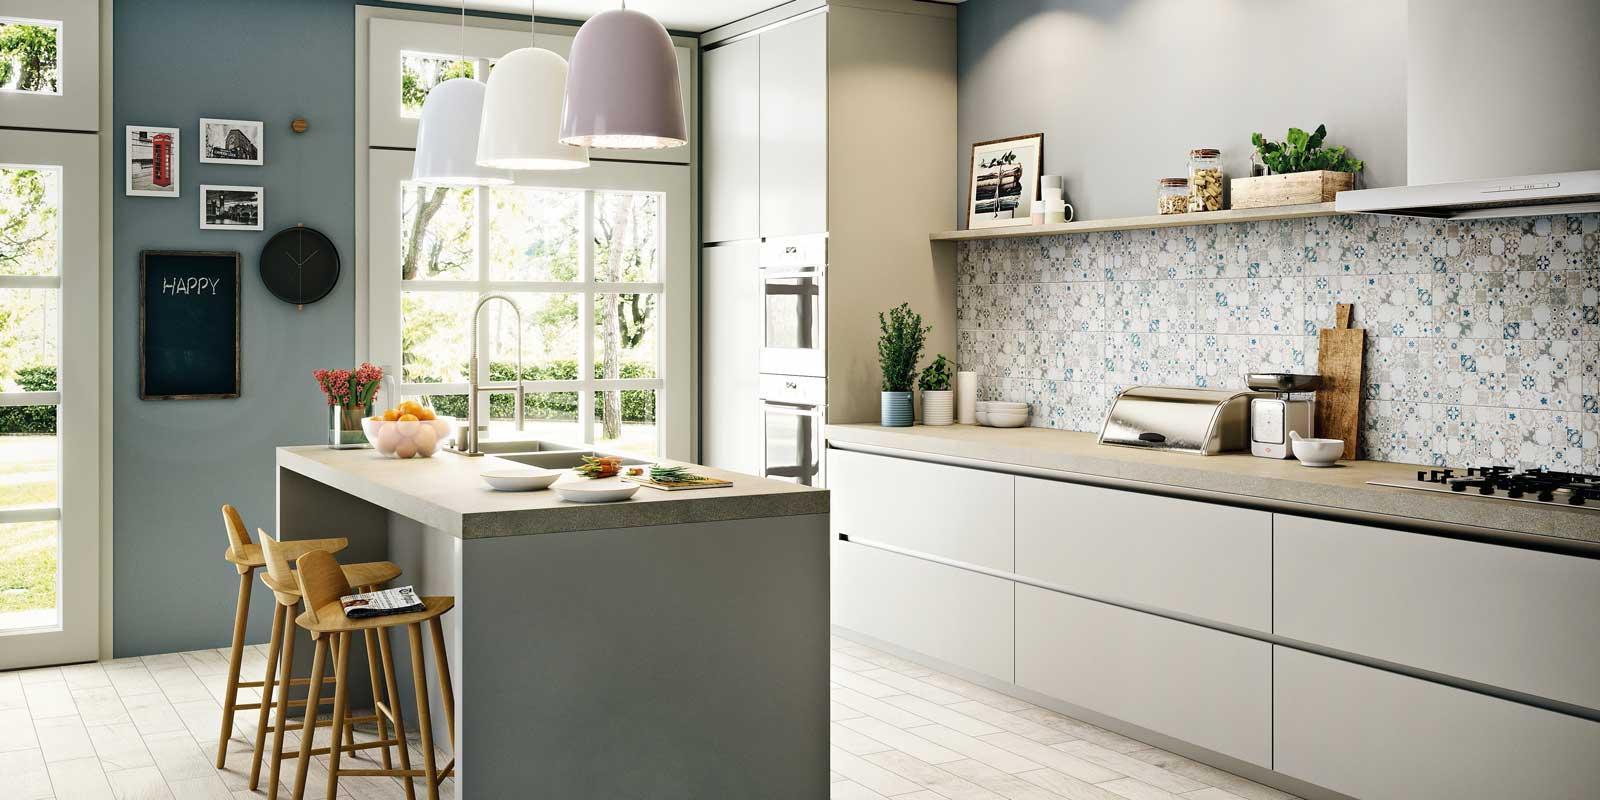 Piastrelle per cucina a prova di macchia cose di casa - Una piastrella policroma per rivestimenti ...